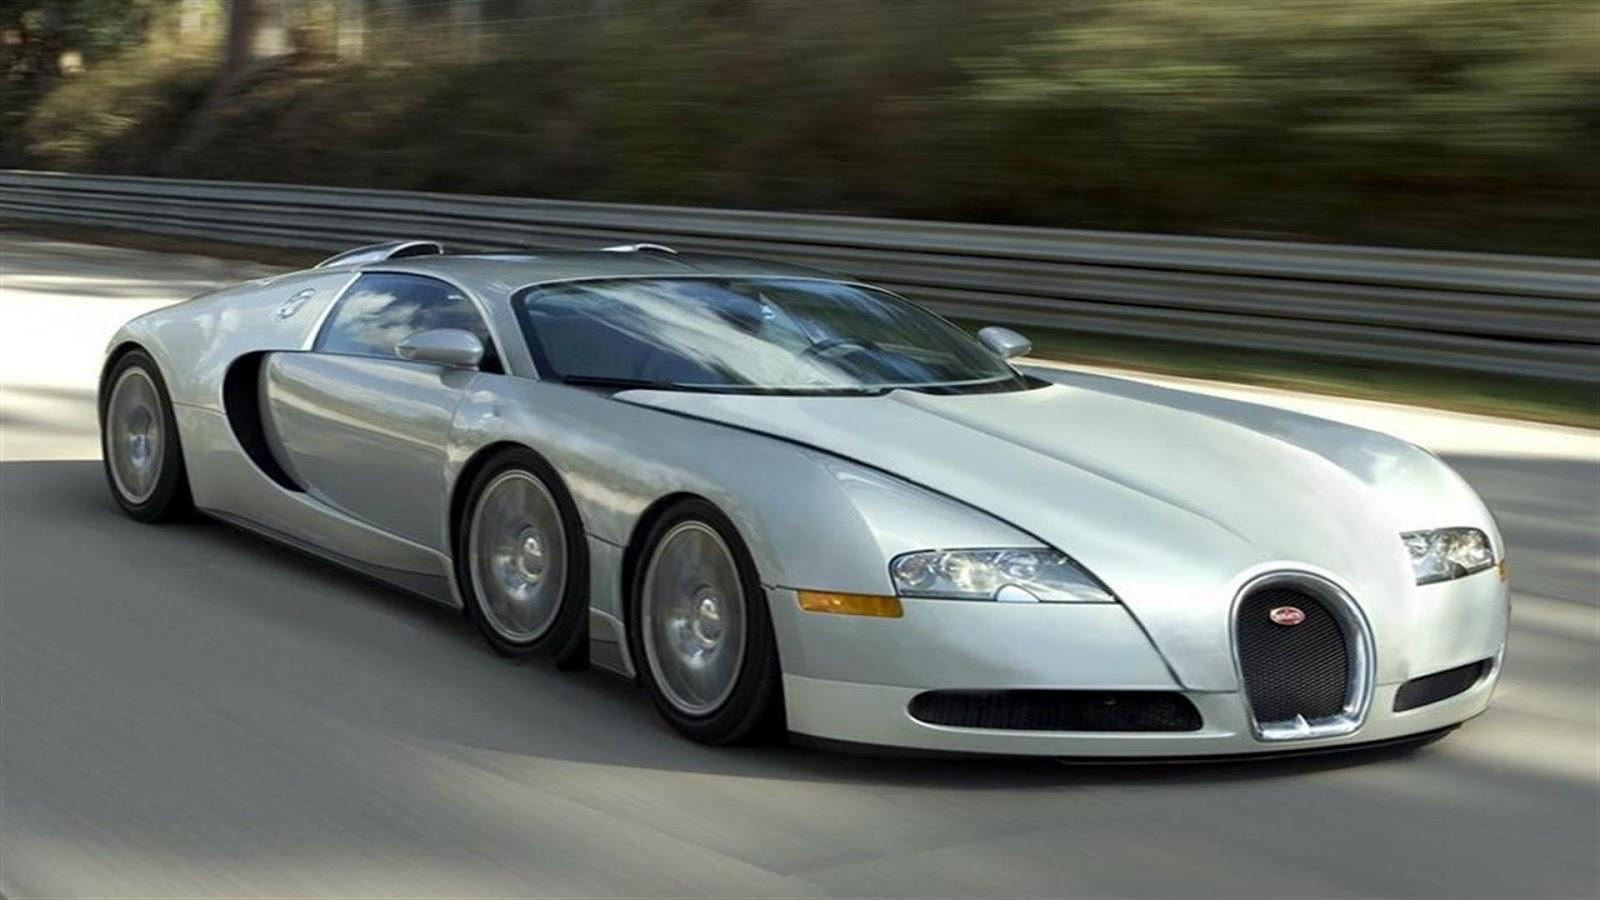 bugatti car wallpaper,land vehicle,vehicle,car,bugatti veyron,bugatti